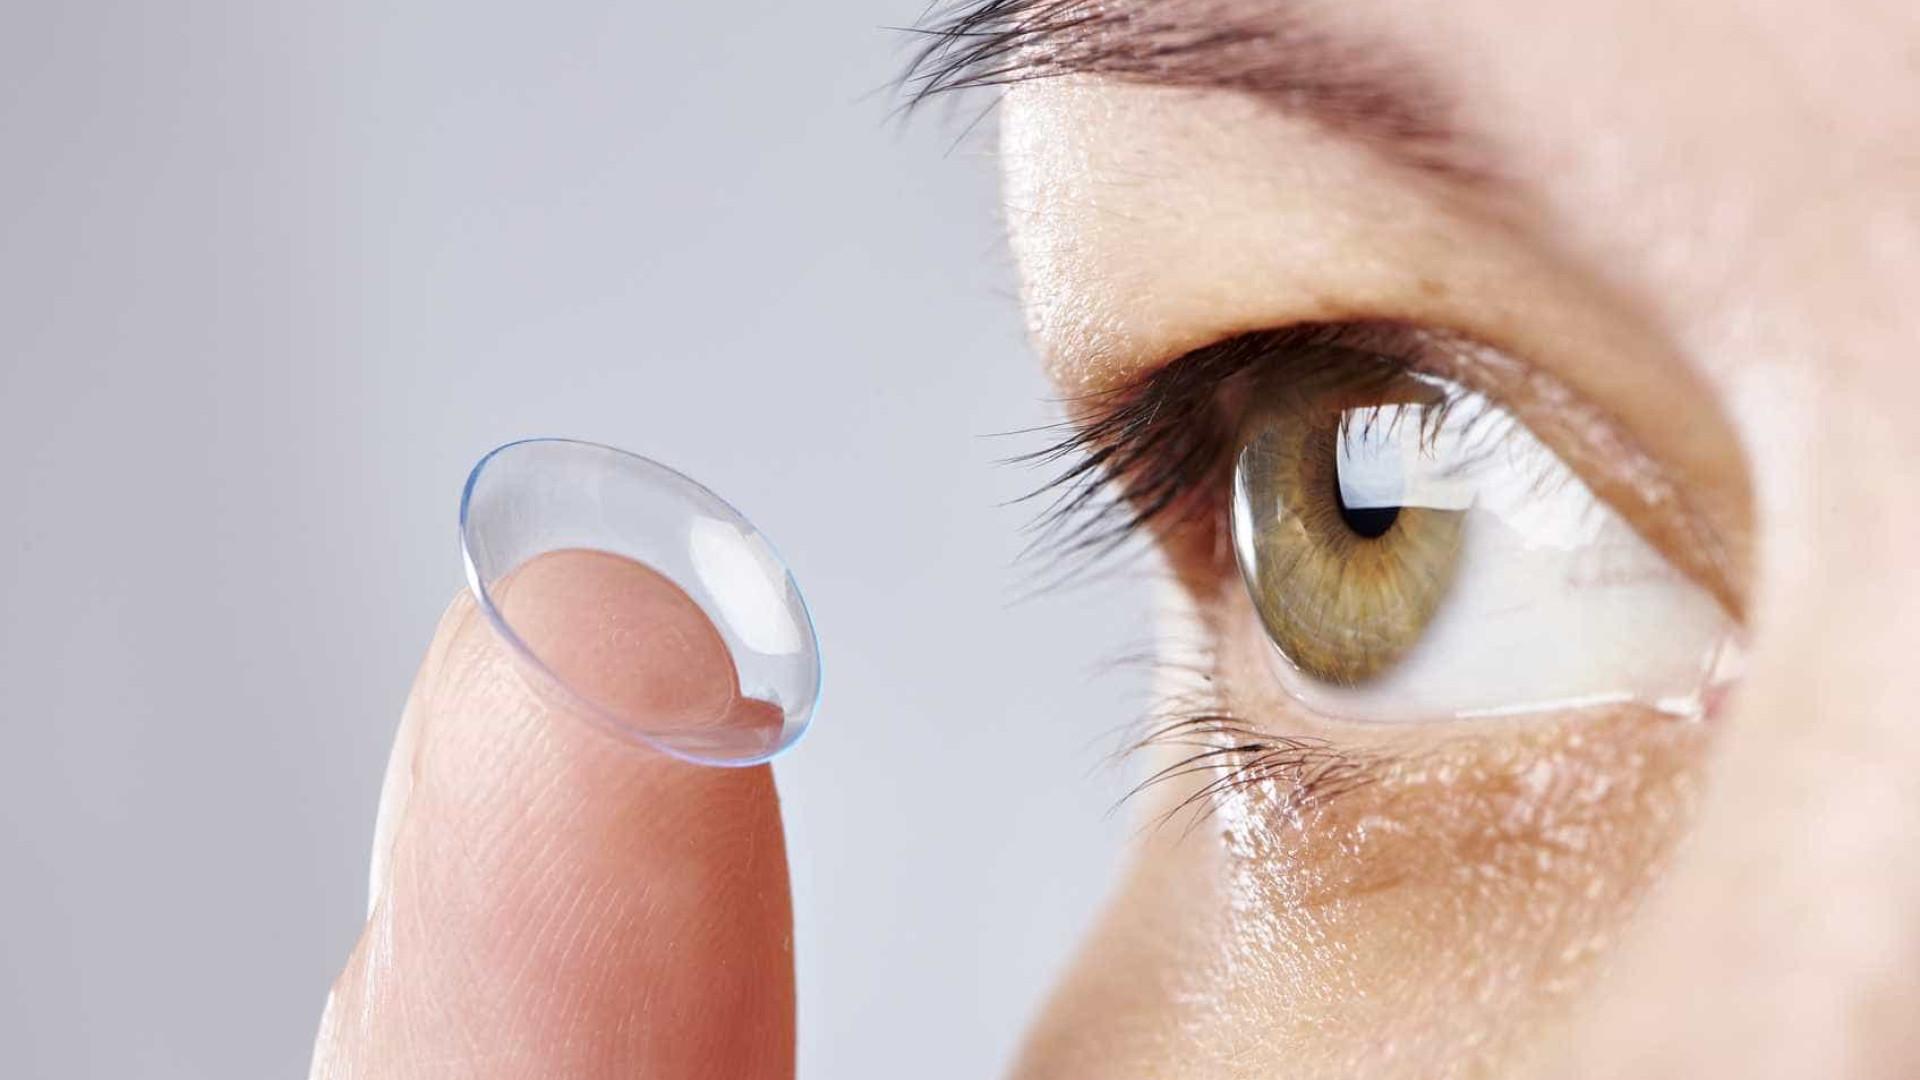 Mau uso de lente danifica a visão